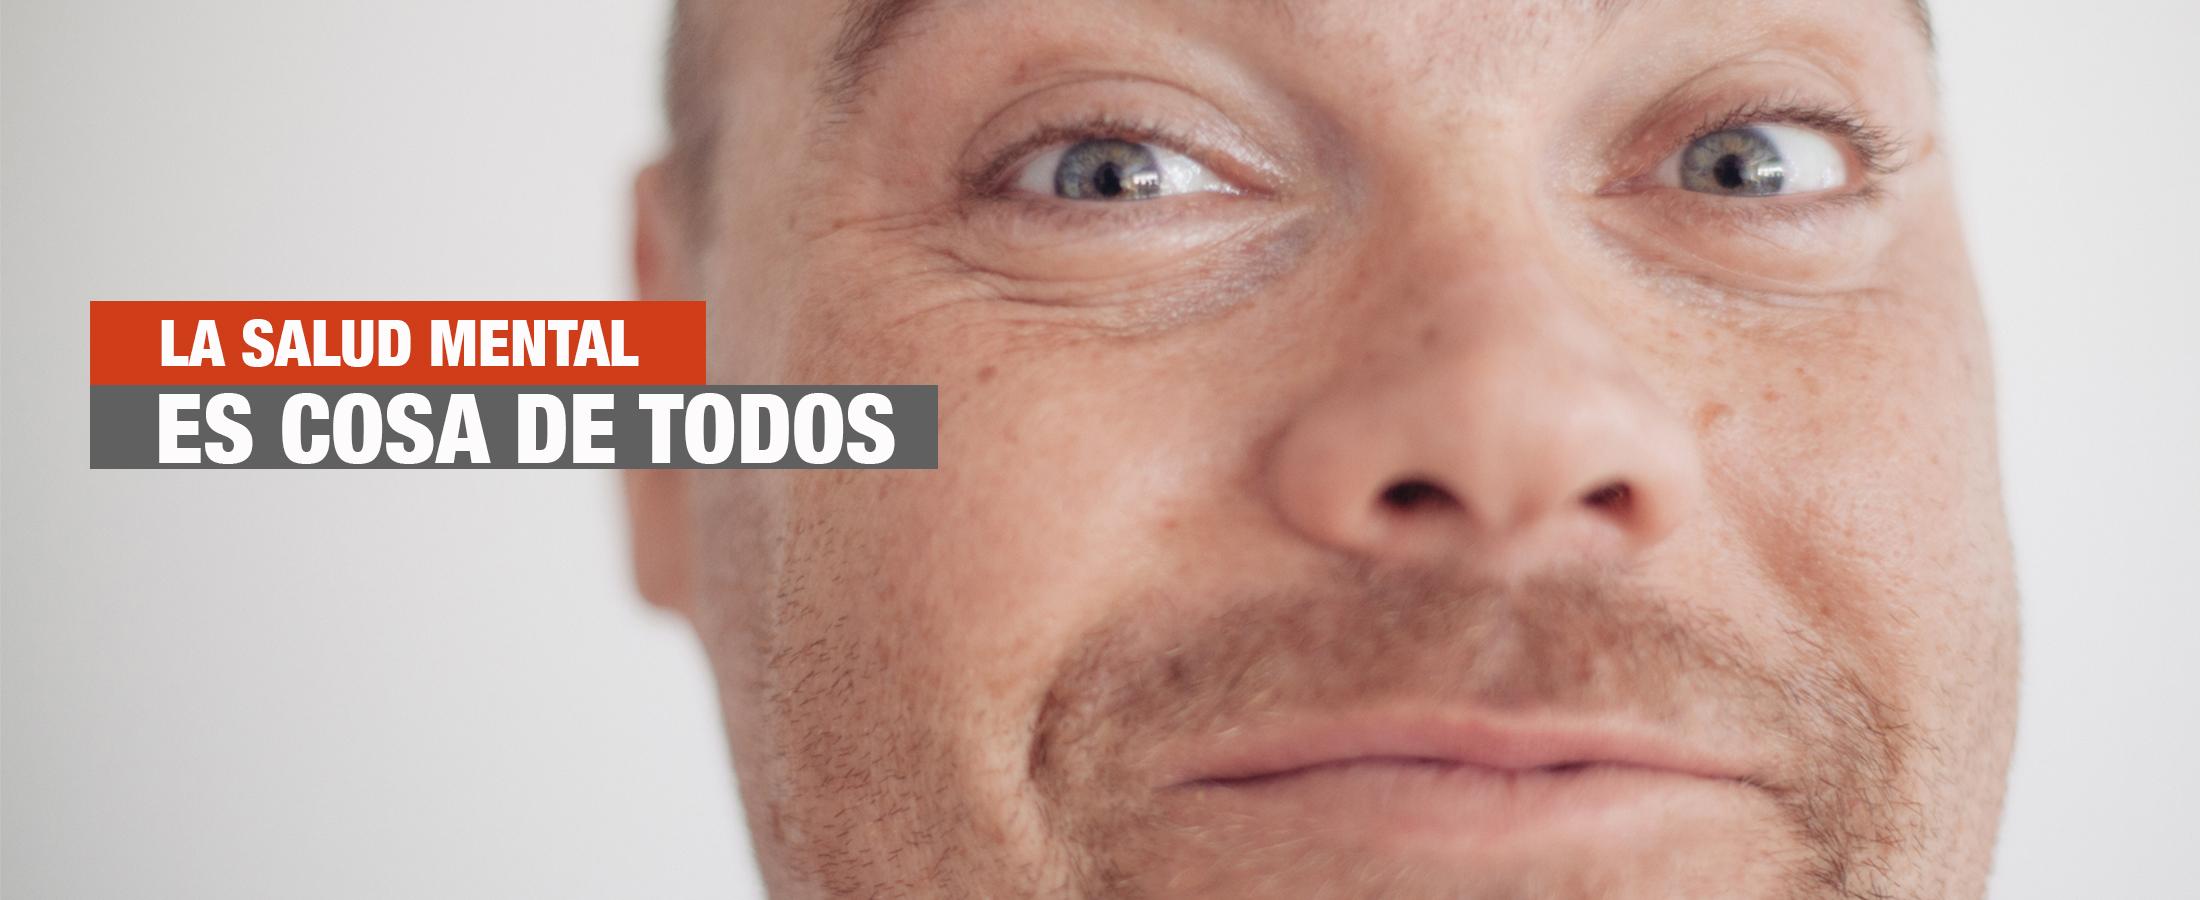 LA SALUD MENTAL ES COSA DE TODOS